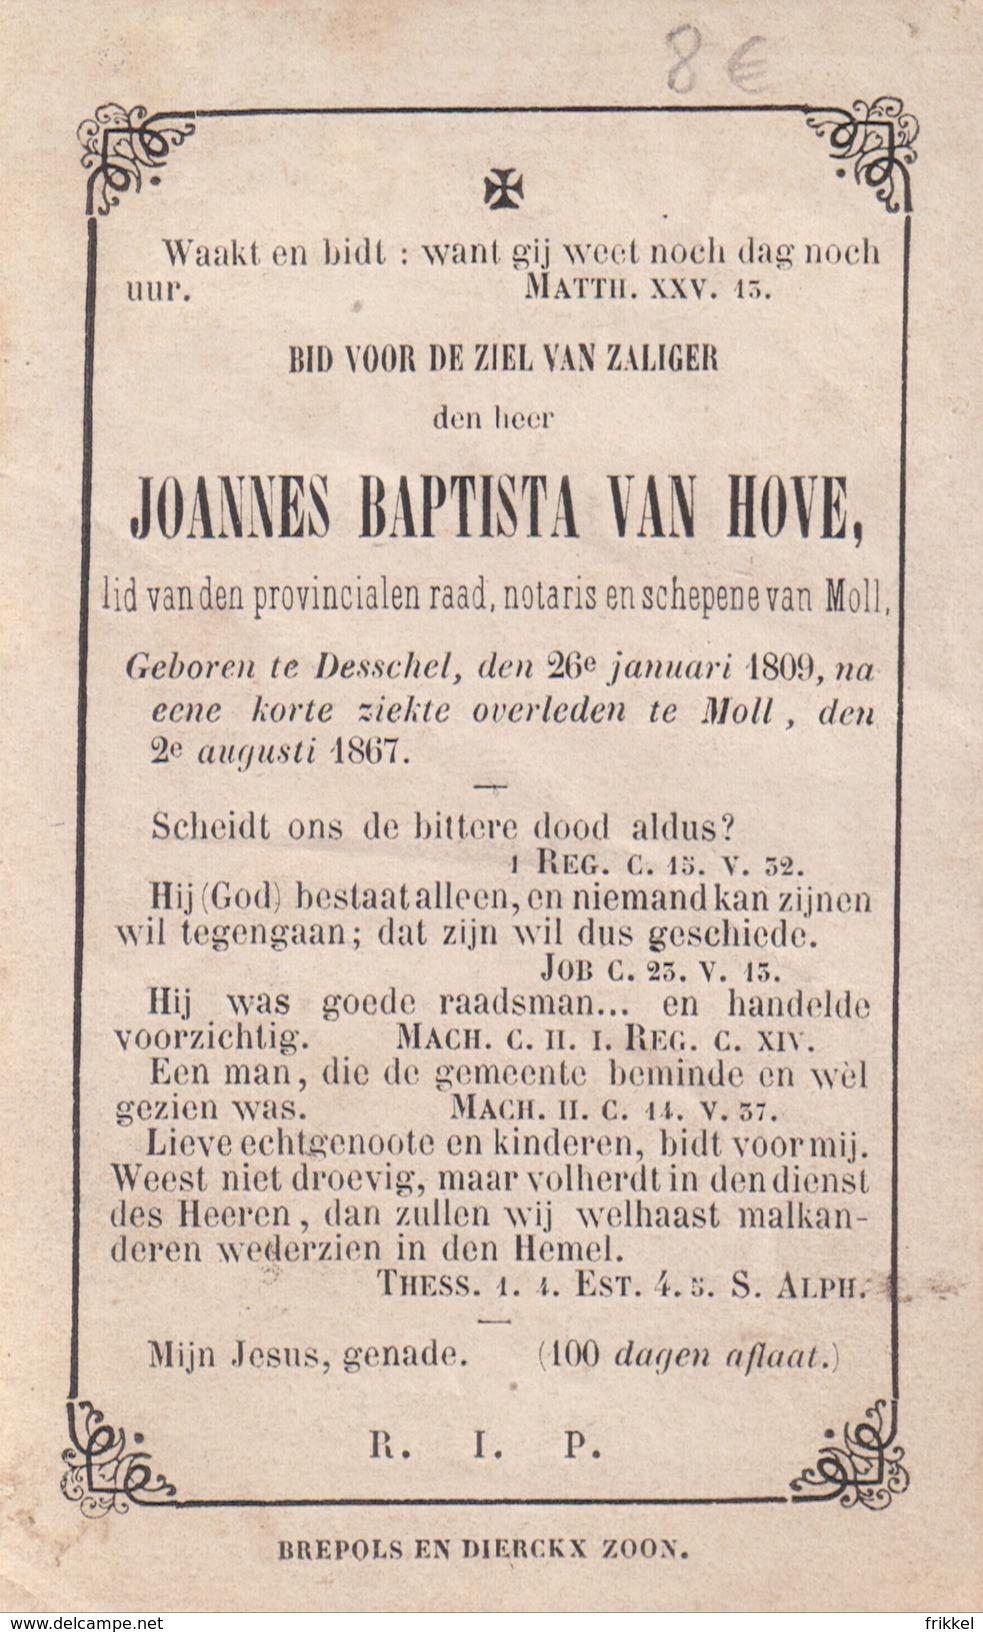 Oud Doodsprentje Notaris En Schepenen Mol Moll ° Desschel Dessel 1867 Joannes Van Hove Holy Card - Devotion Images